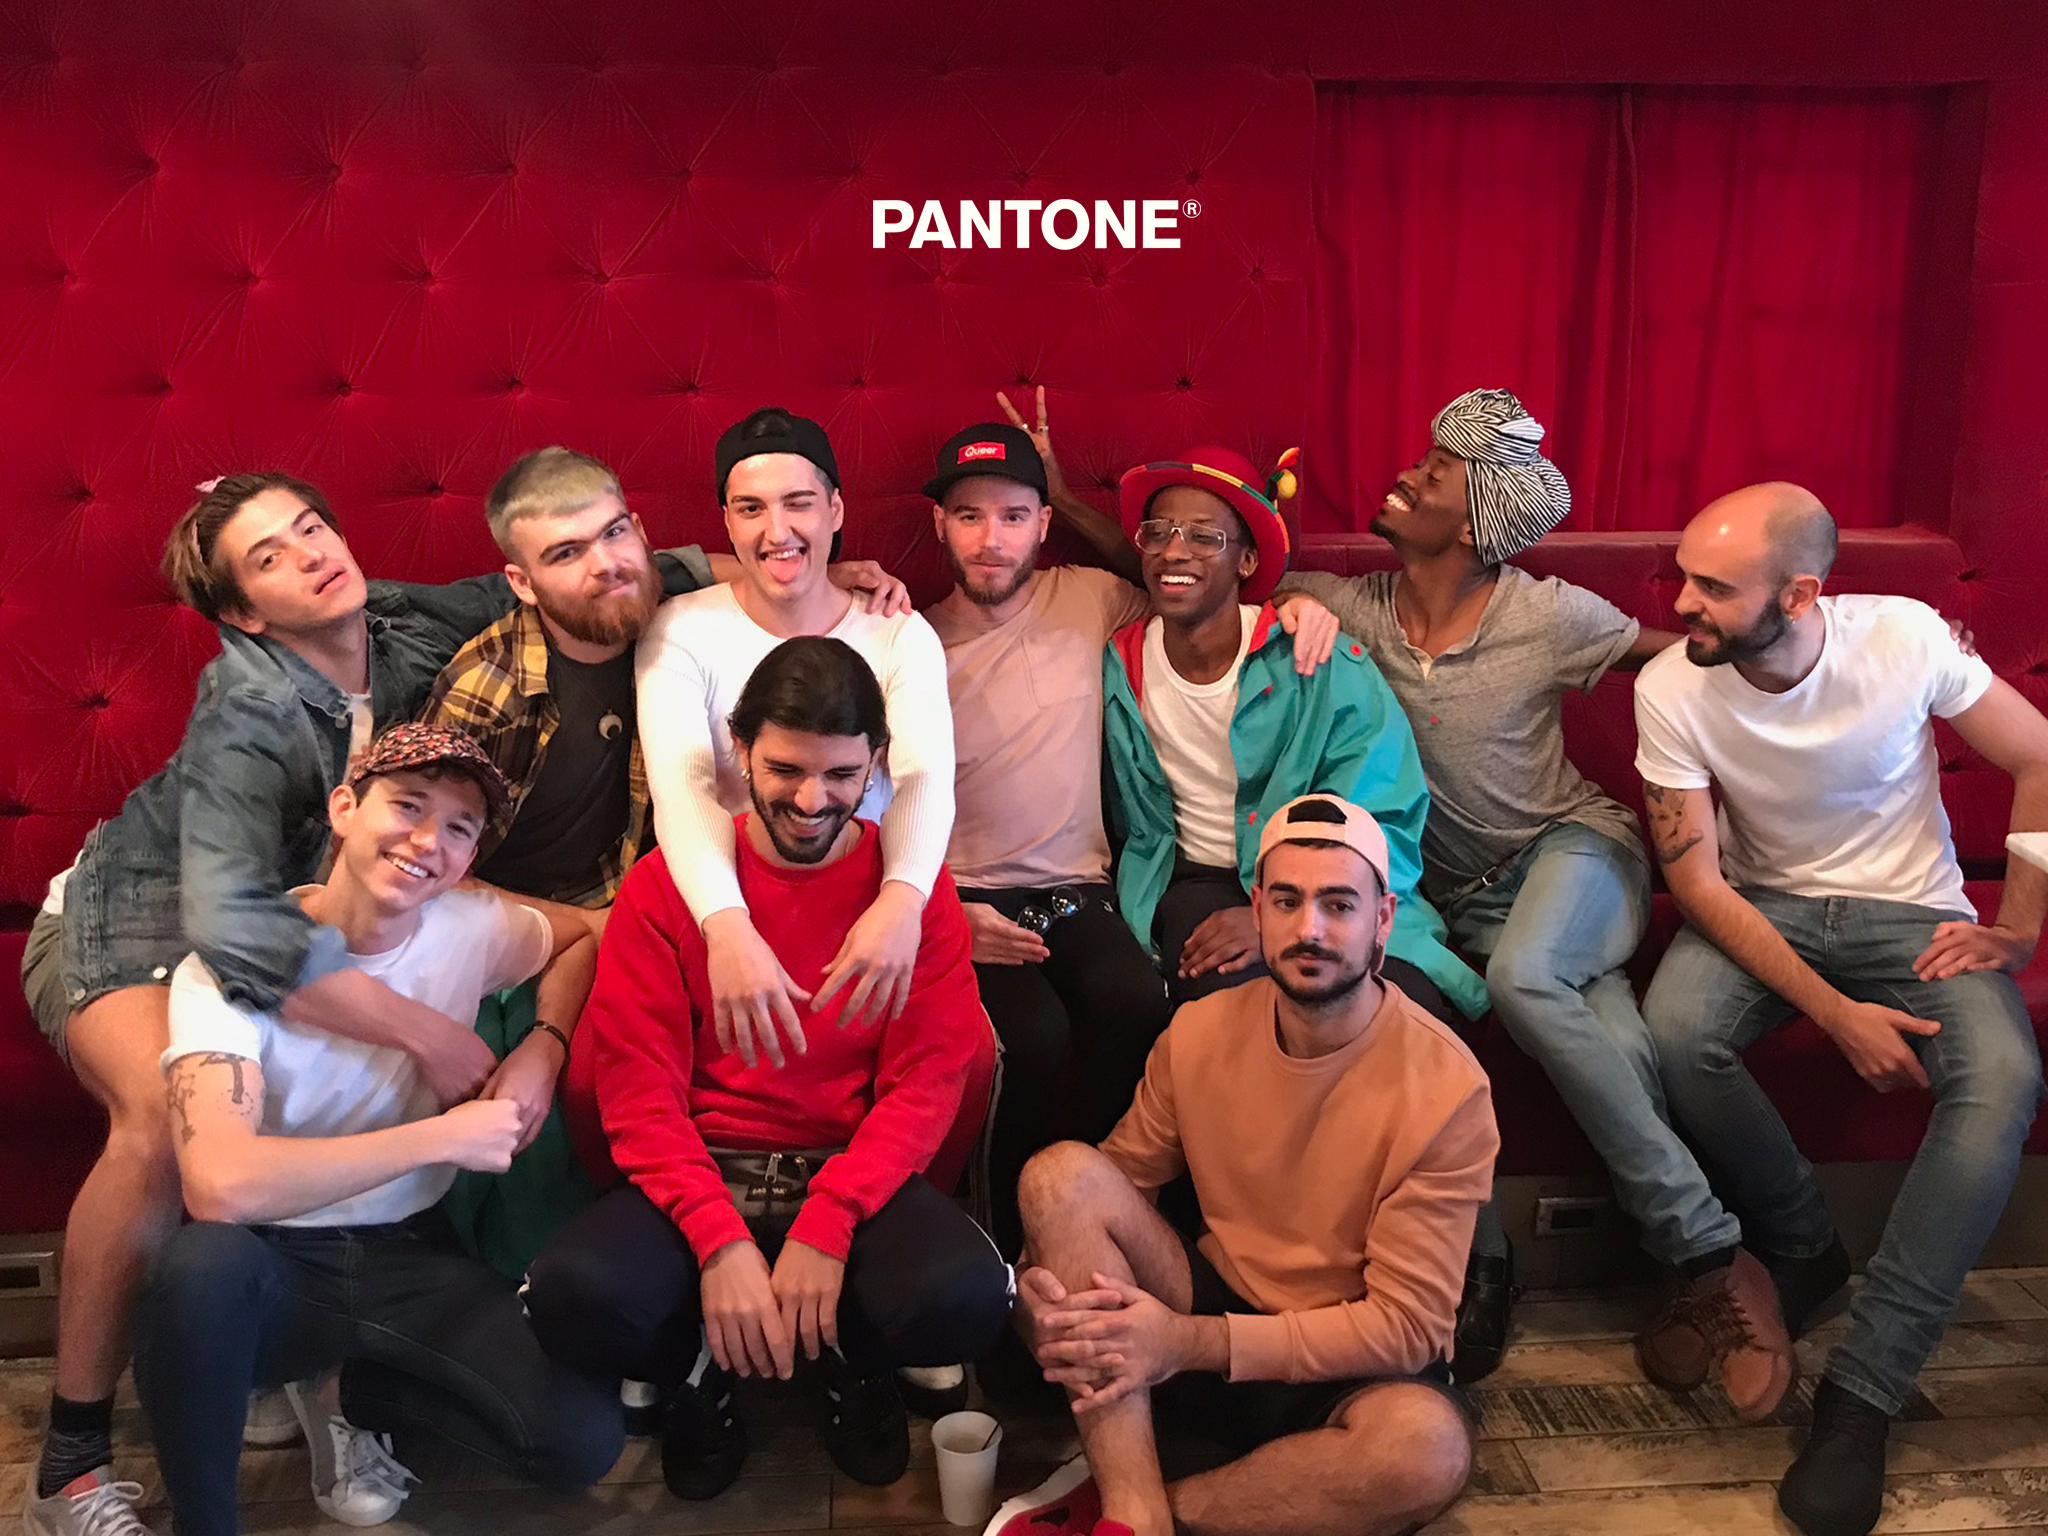 Art Gaysel 3, Hotel Gaythering, 2017 (Left to right, top to bottom) Blake @blake_gobyebye, Britt @therestwasmagic, Fran @franmunyoz, Adam @adamchuck, Derick @derickwhitson, DePaul @depaulvera, Bran @bransolo, Jonathan @jonathan_kent_adams, Pascual @paskrod, Daniel @eldibujo